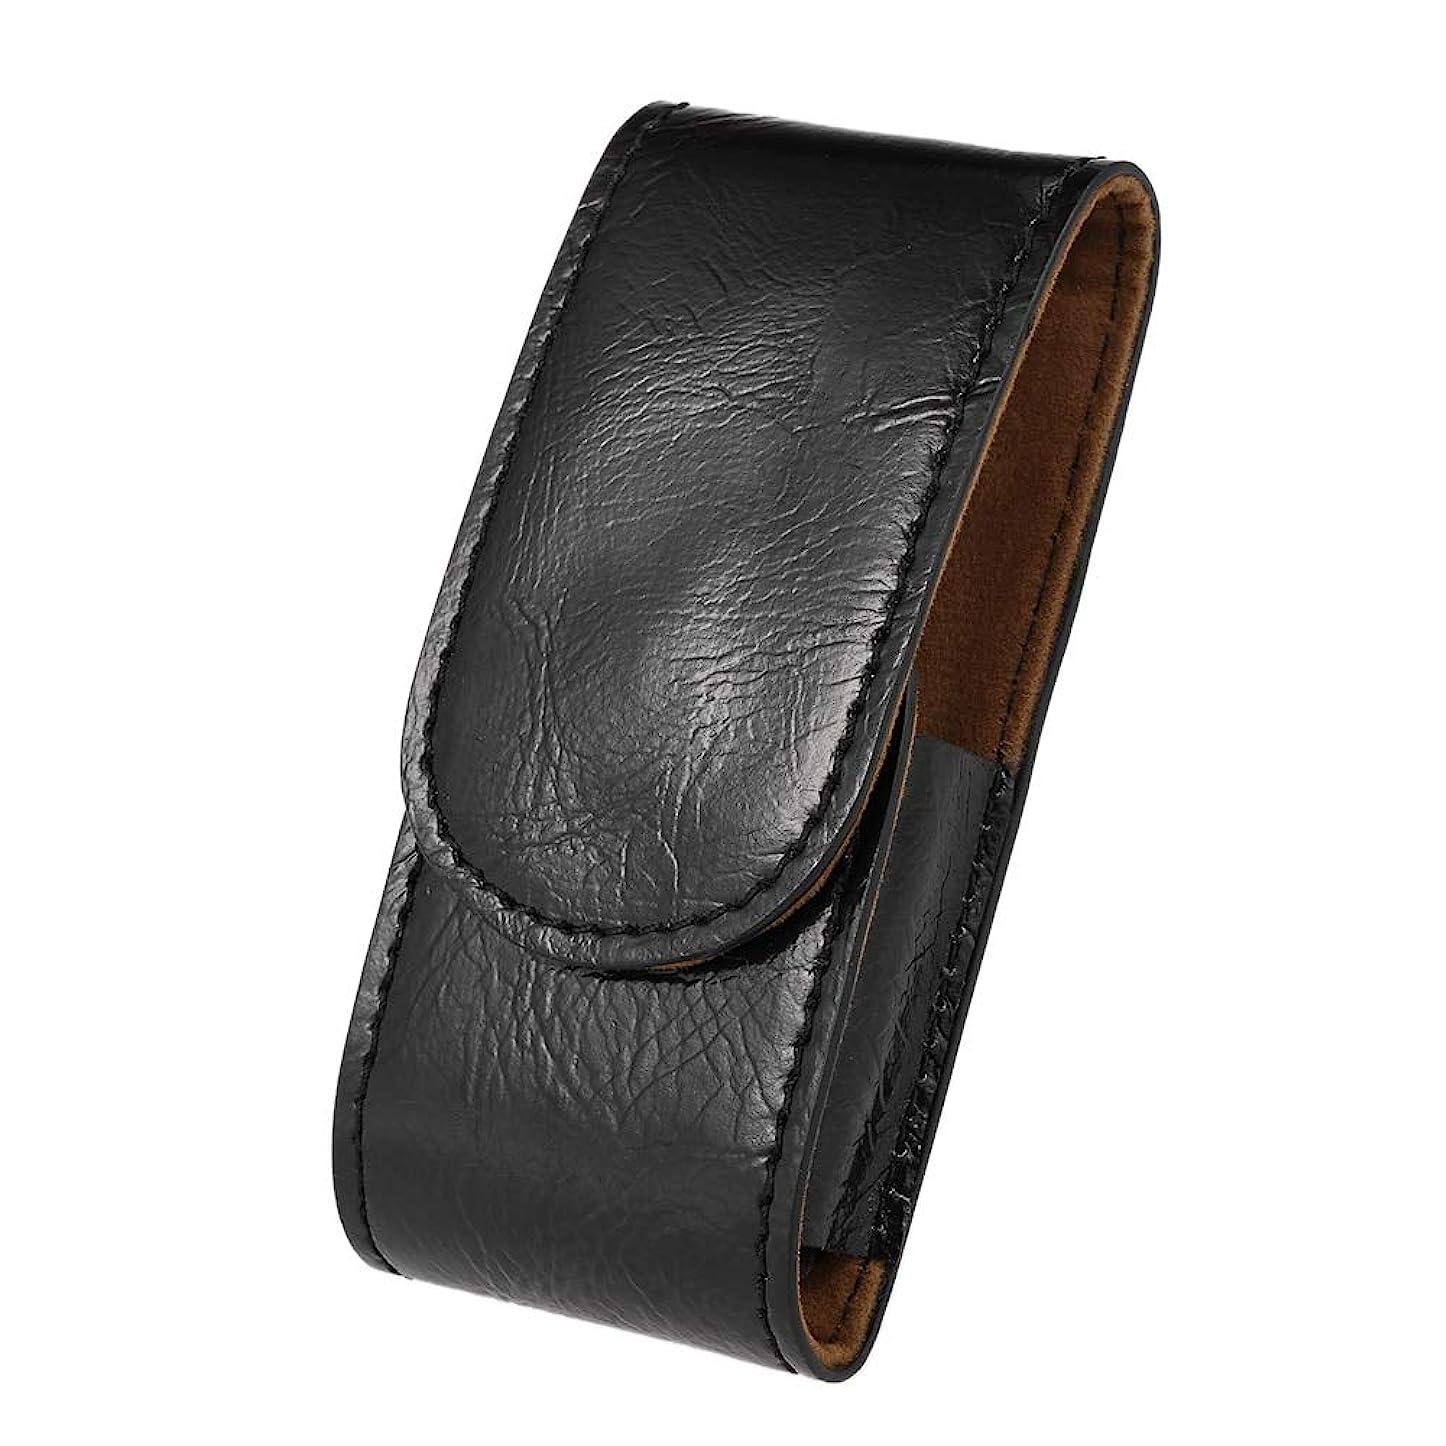 いじめっ子環境保護主義者落ち着かないMen PU Leather Razor Pouch Shave Beard Shaver Handbag Pouch Safety Razor Case Storage Bag Double Edge Razor Holder